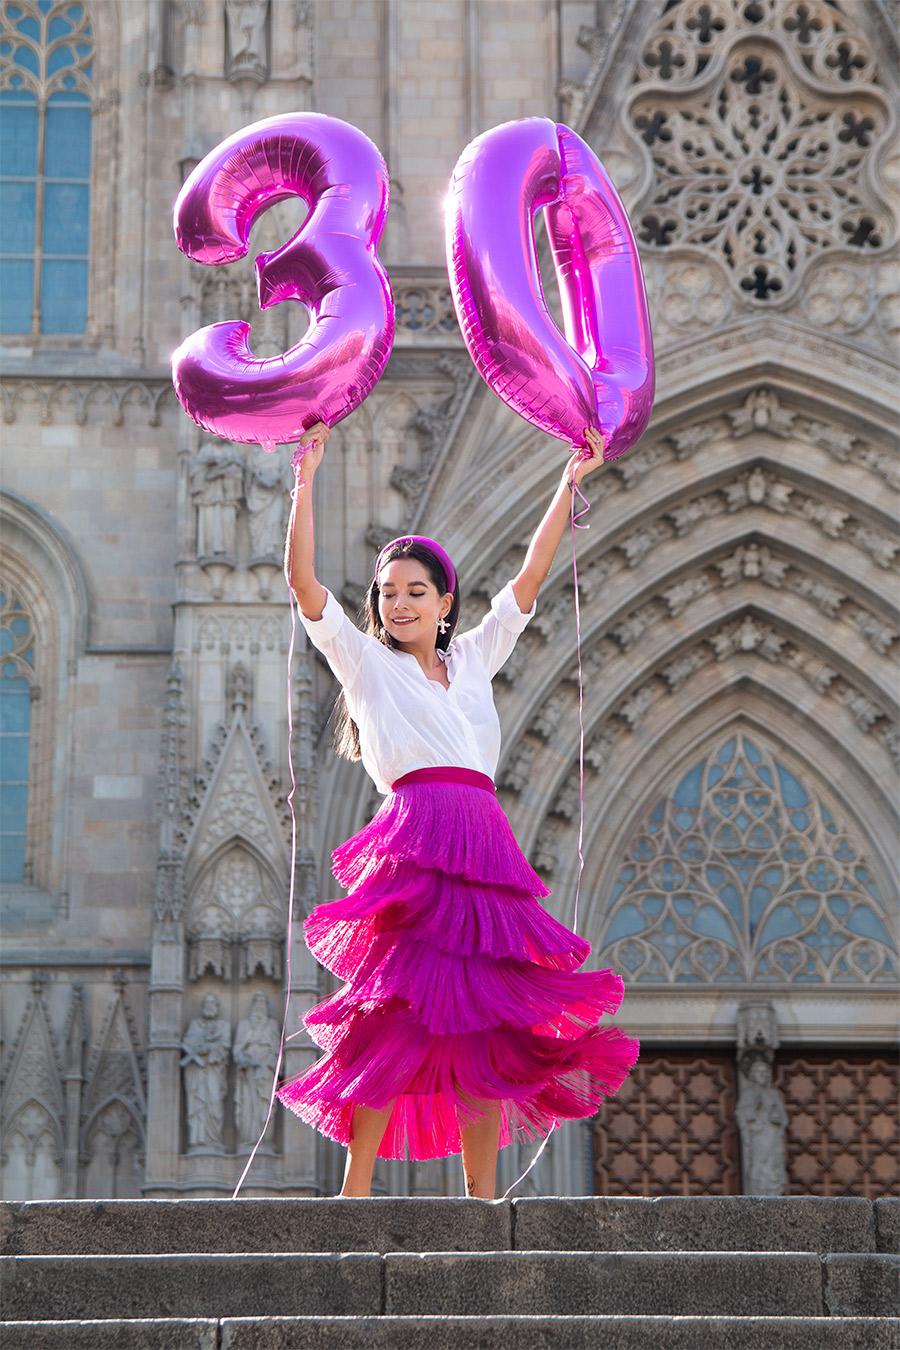 Idea-de-fotos-de-cumpleaños,-fotos-de-cumpleaños-30,-30s-birthday-photoshoot,-photoshoot-en-Barcelona